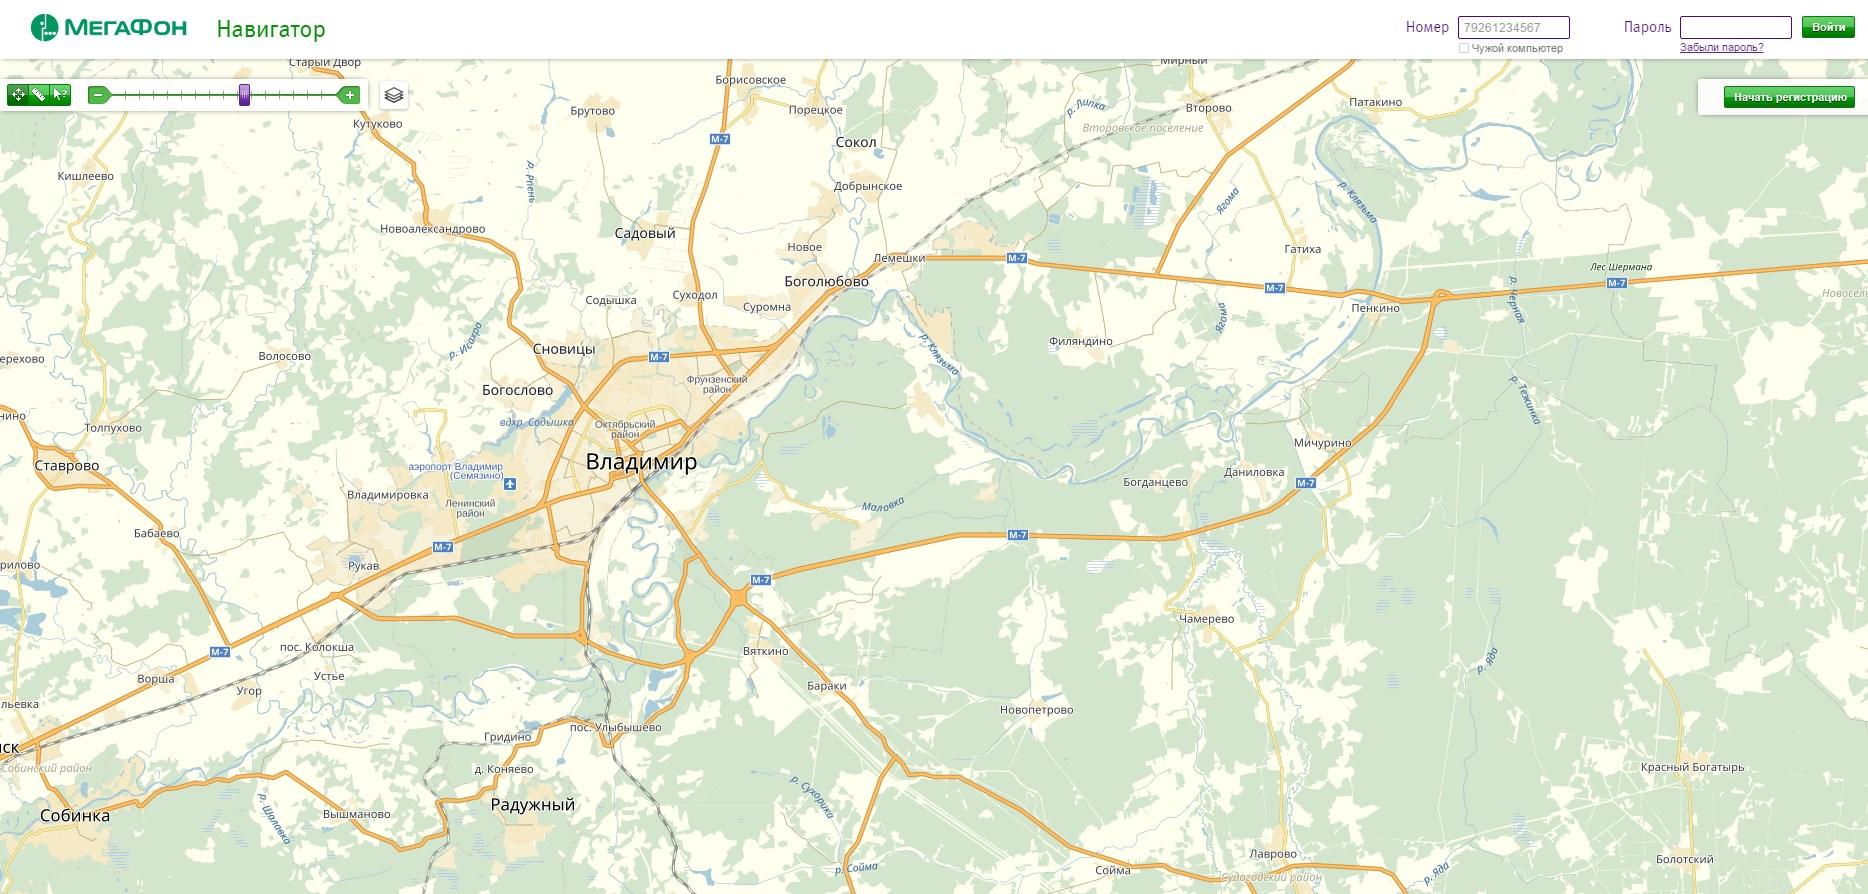 Где я нахожусь сейчас на карте показать